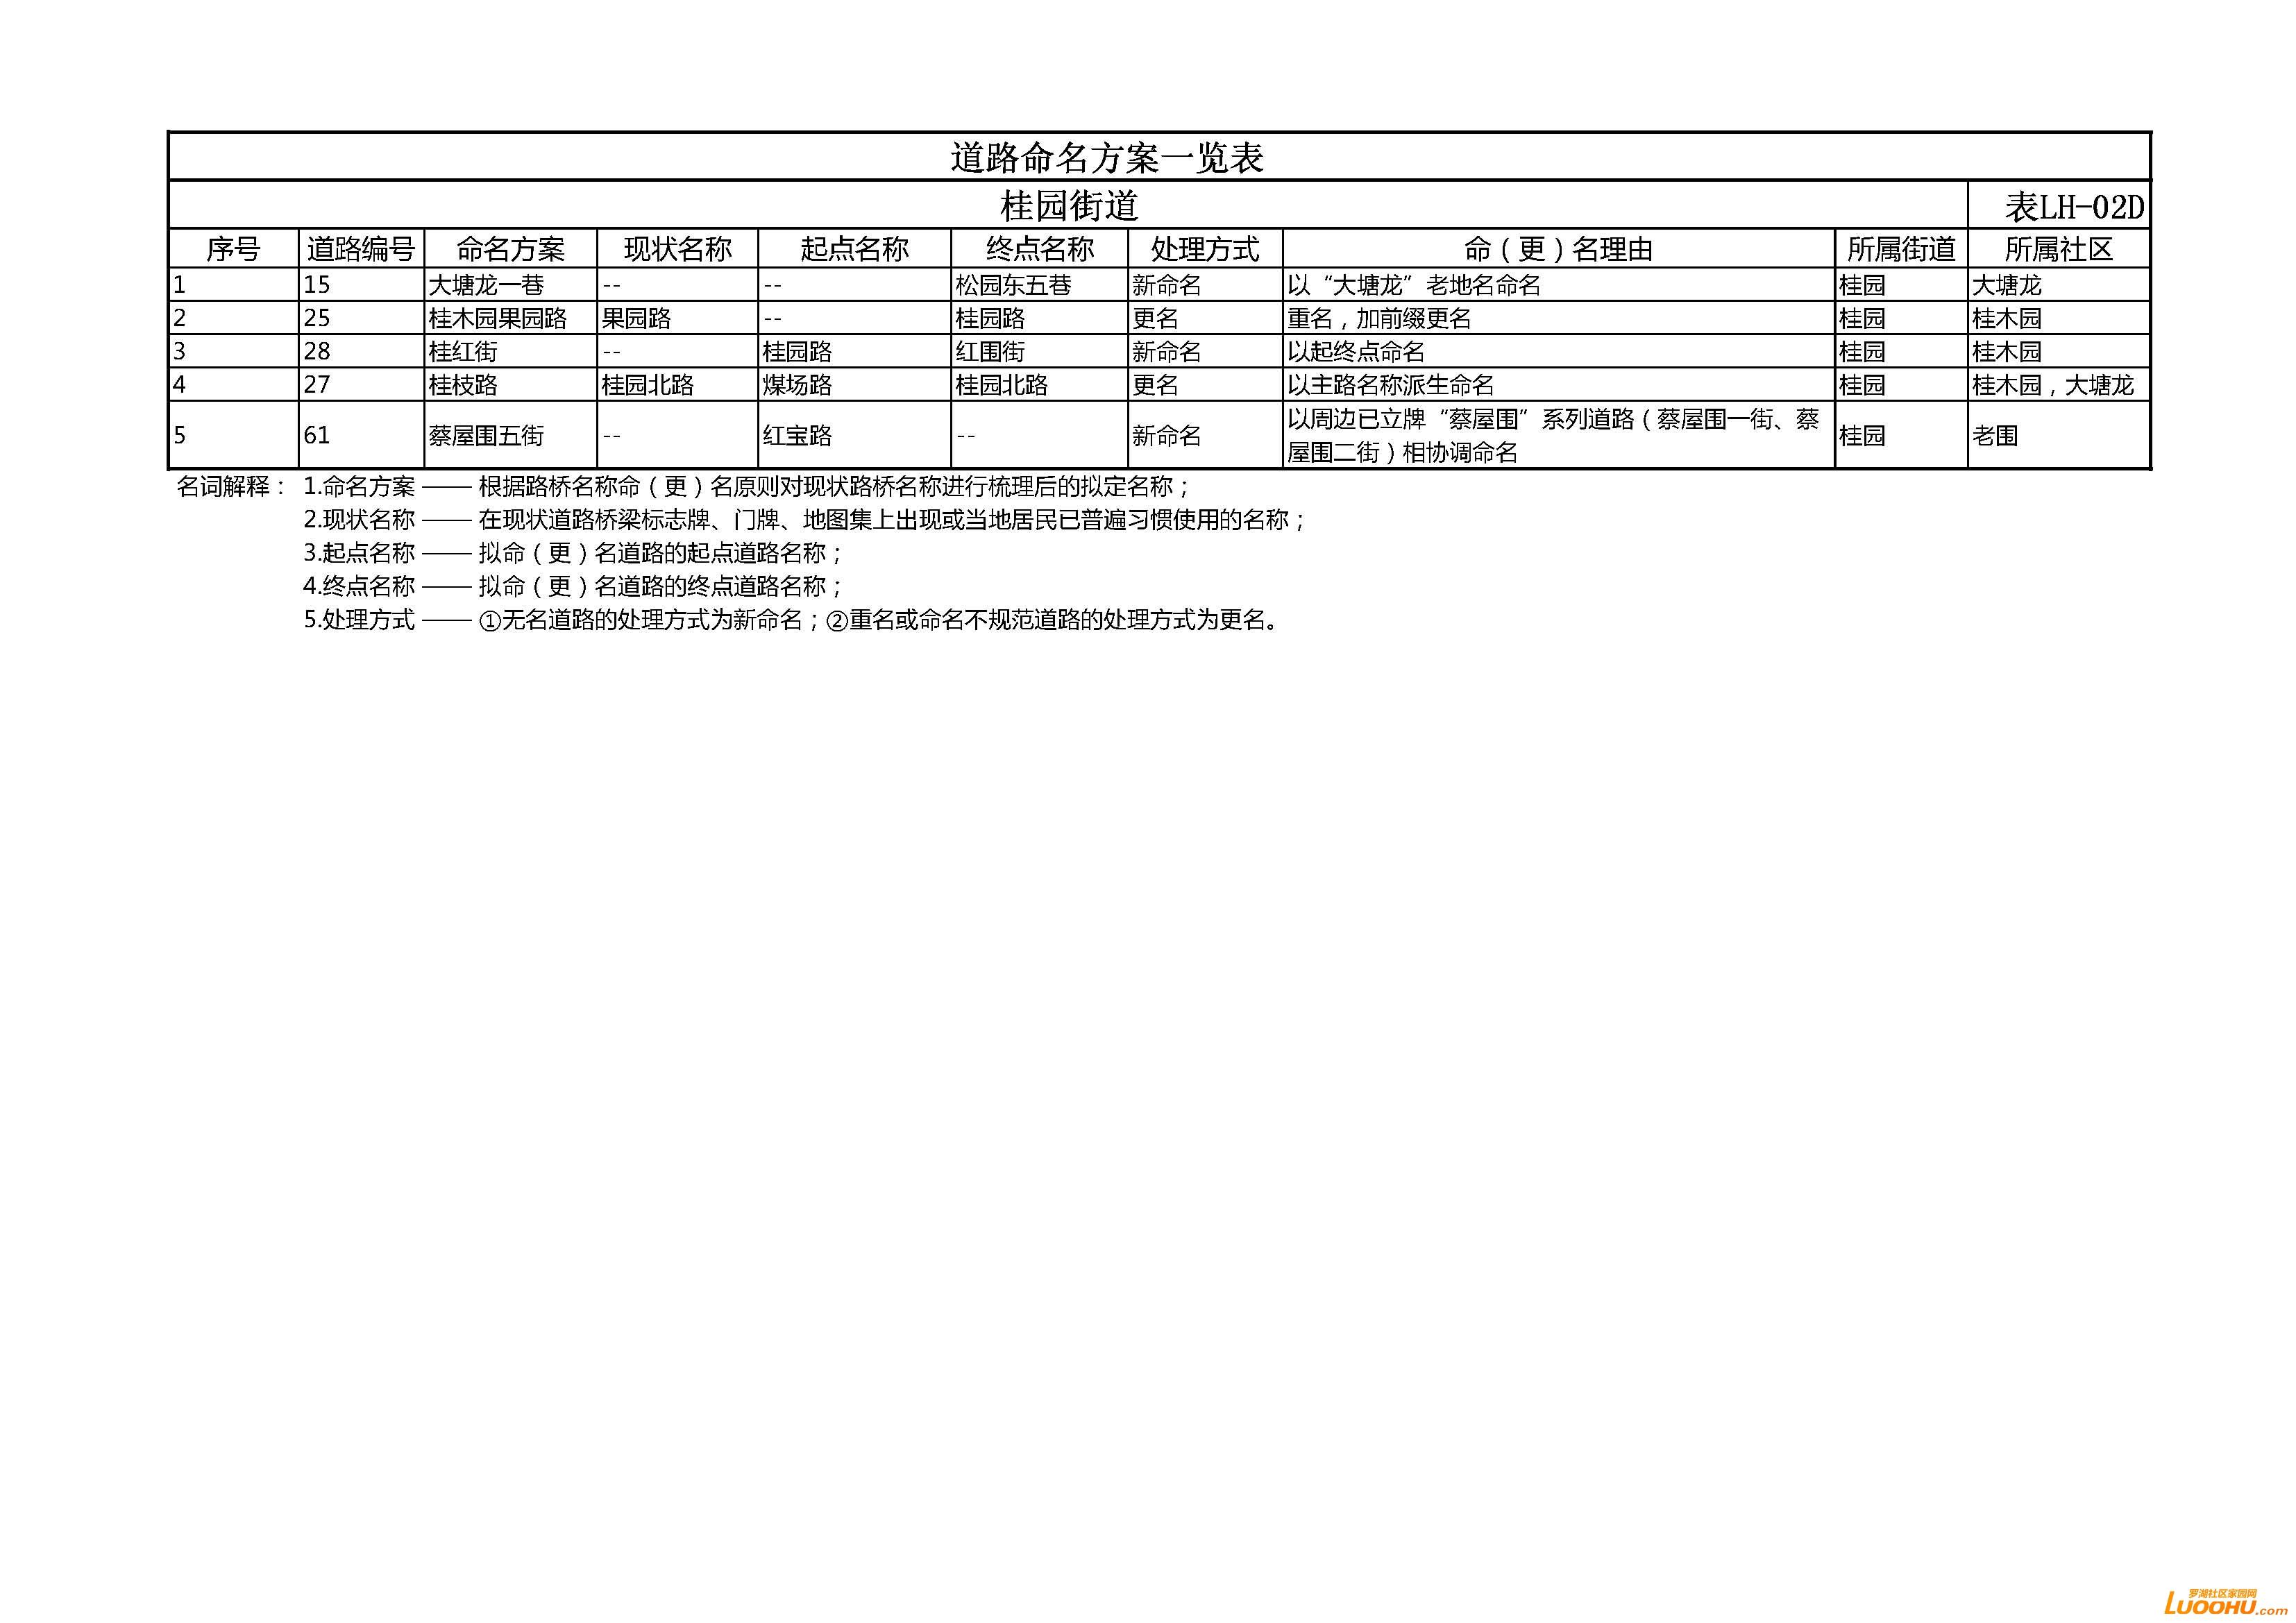 表LH-02D.jpg